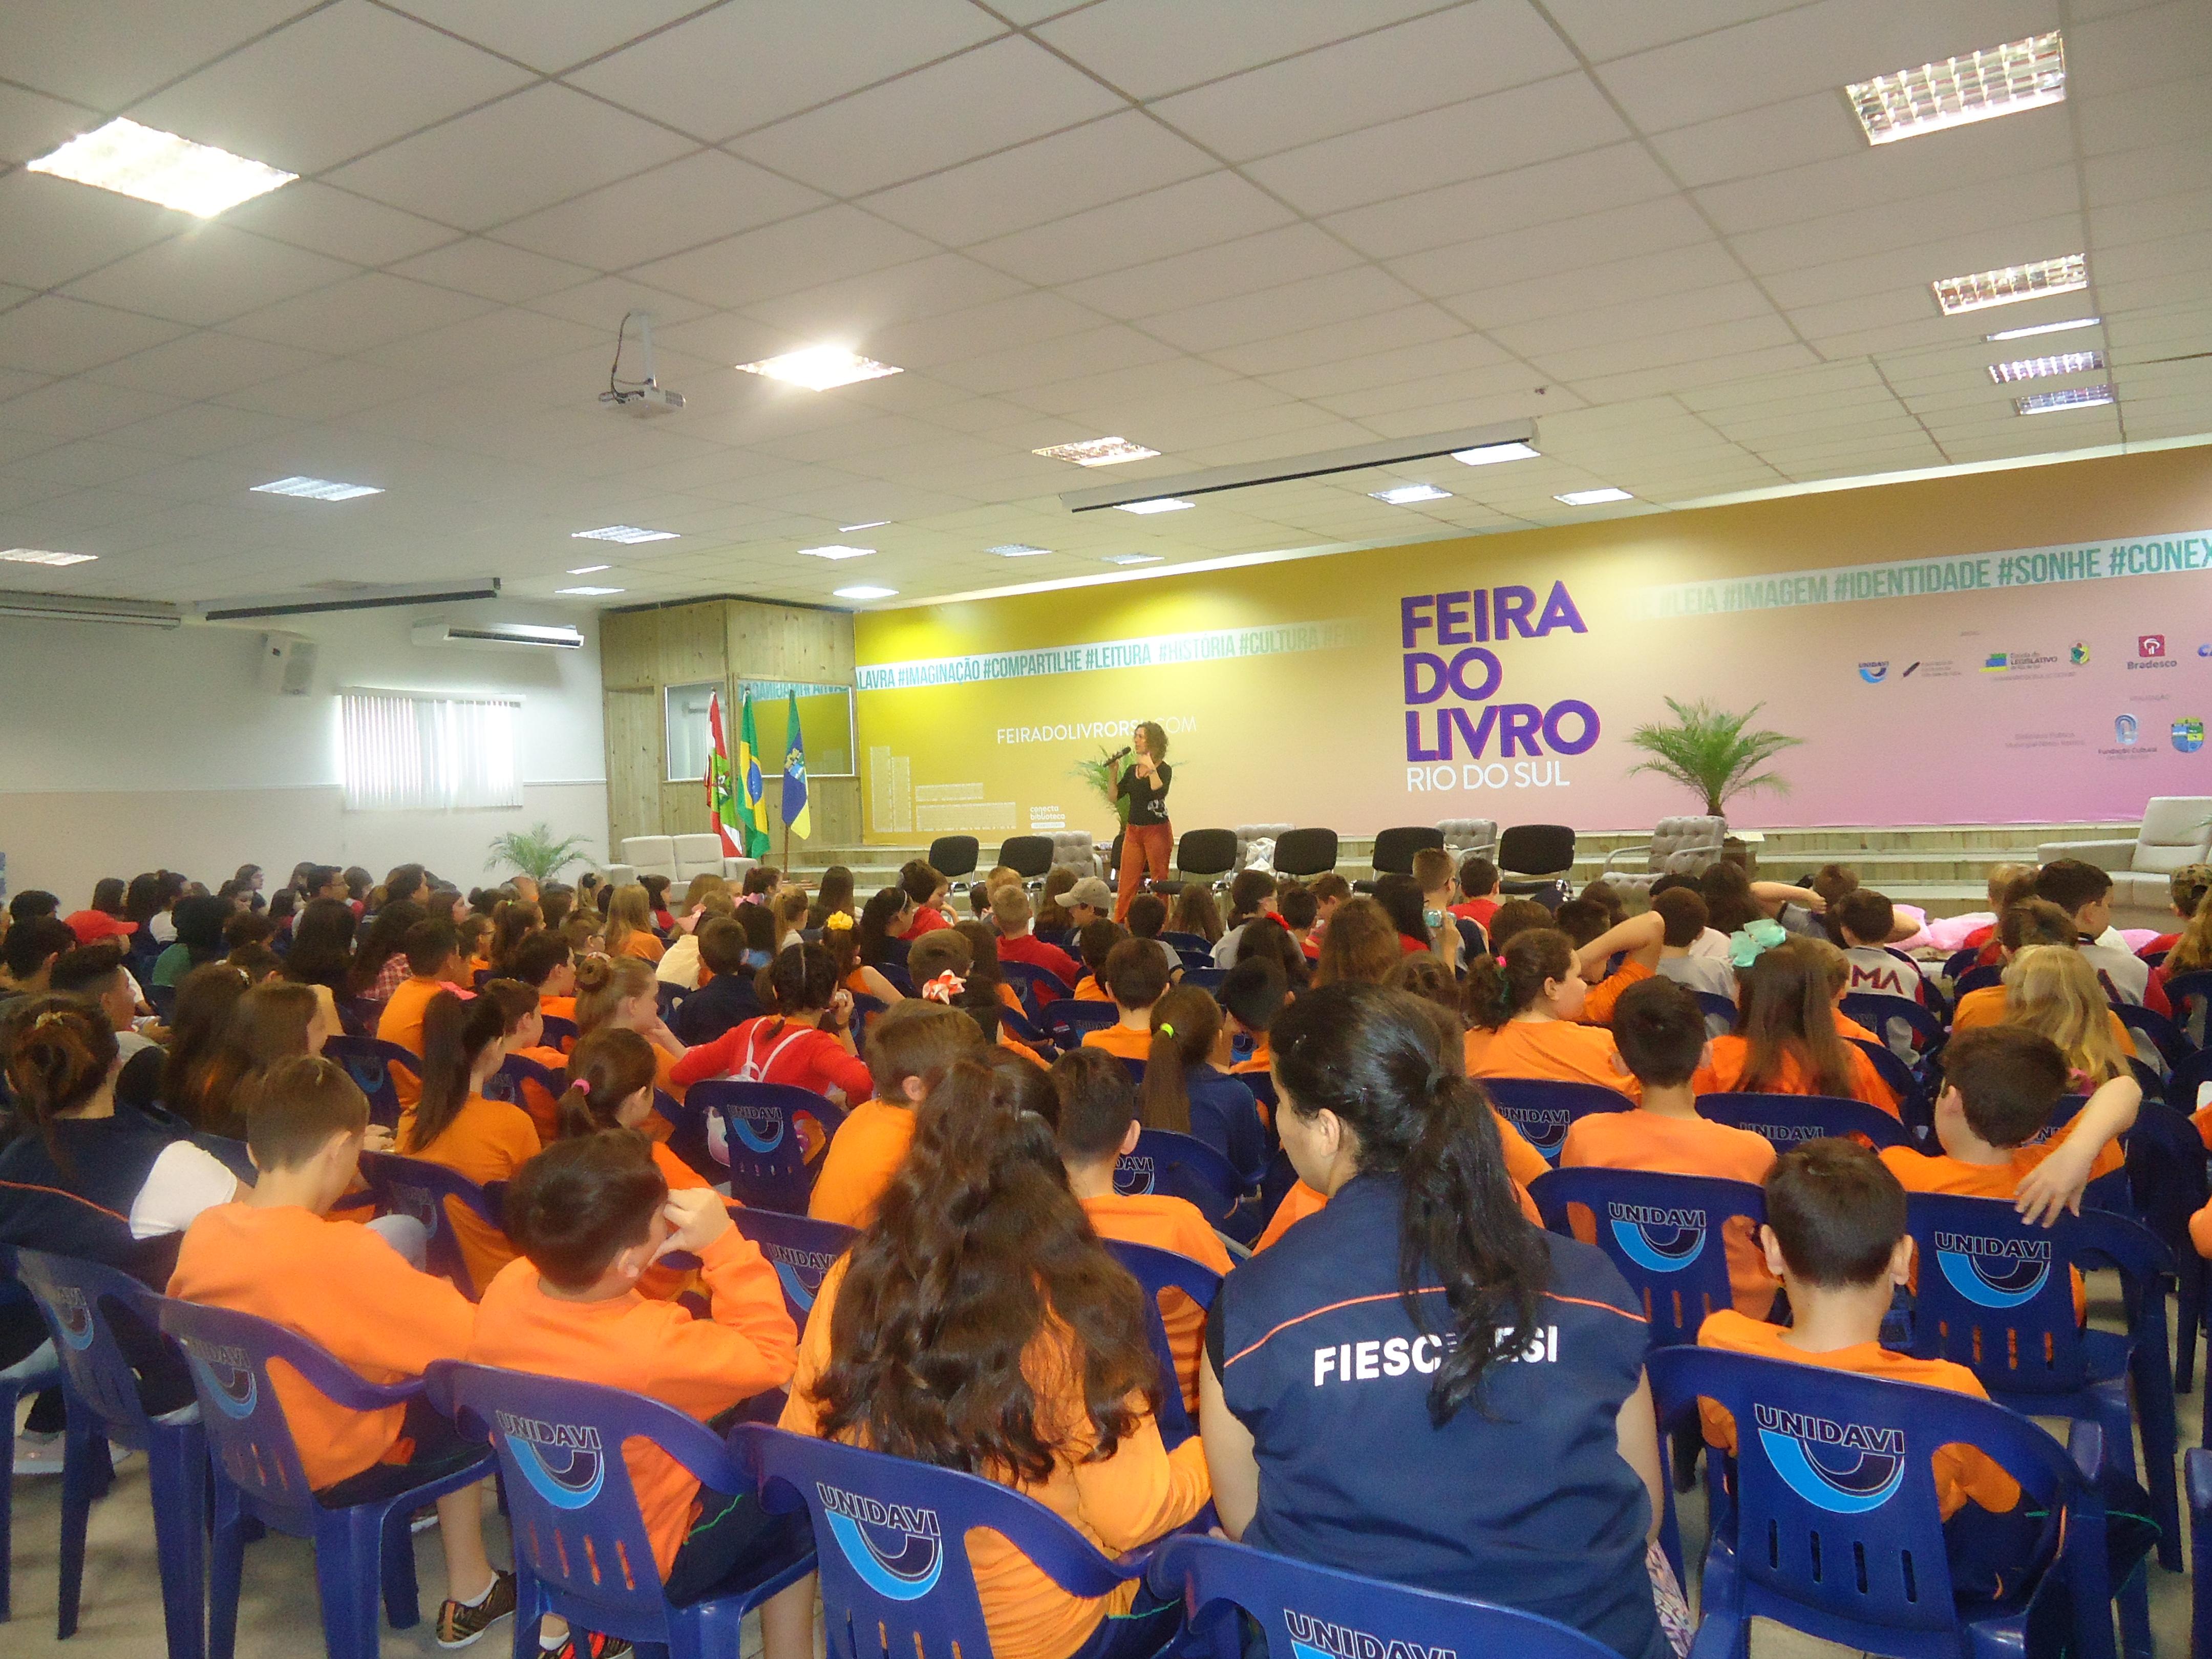 Feira do Livro Rio do Sul-SC 2018 6